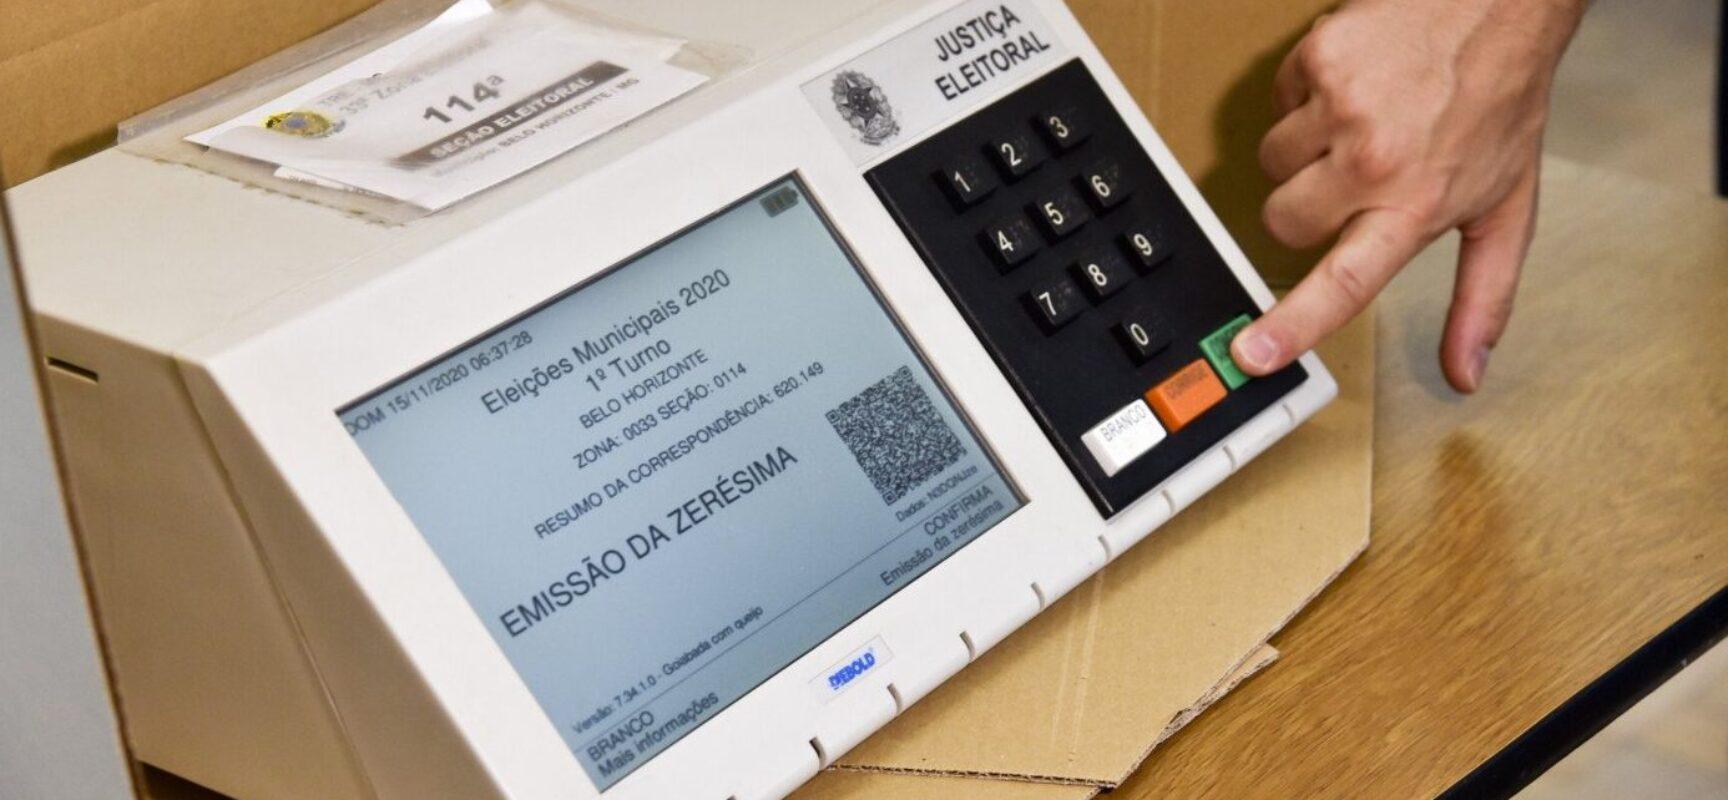 Voto impresso não contribui para a democracia, diz ministro Alexandre de Moraes